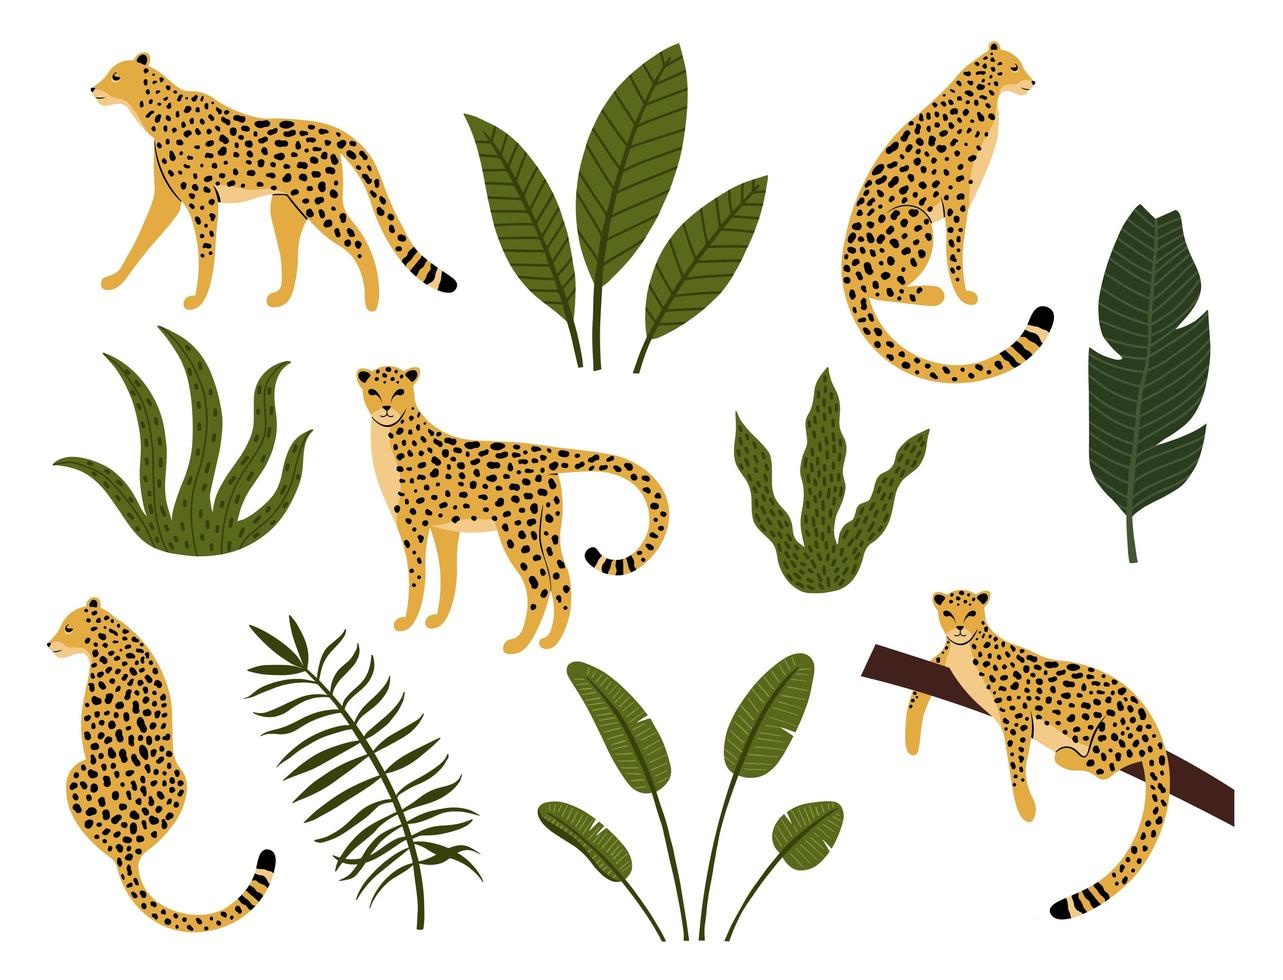 verzameling luipaarden, exotische bladeren, tropische planten vector